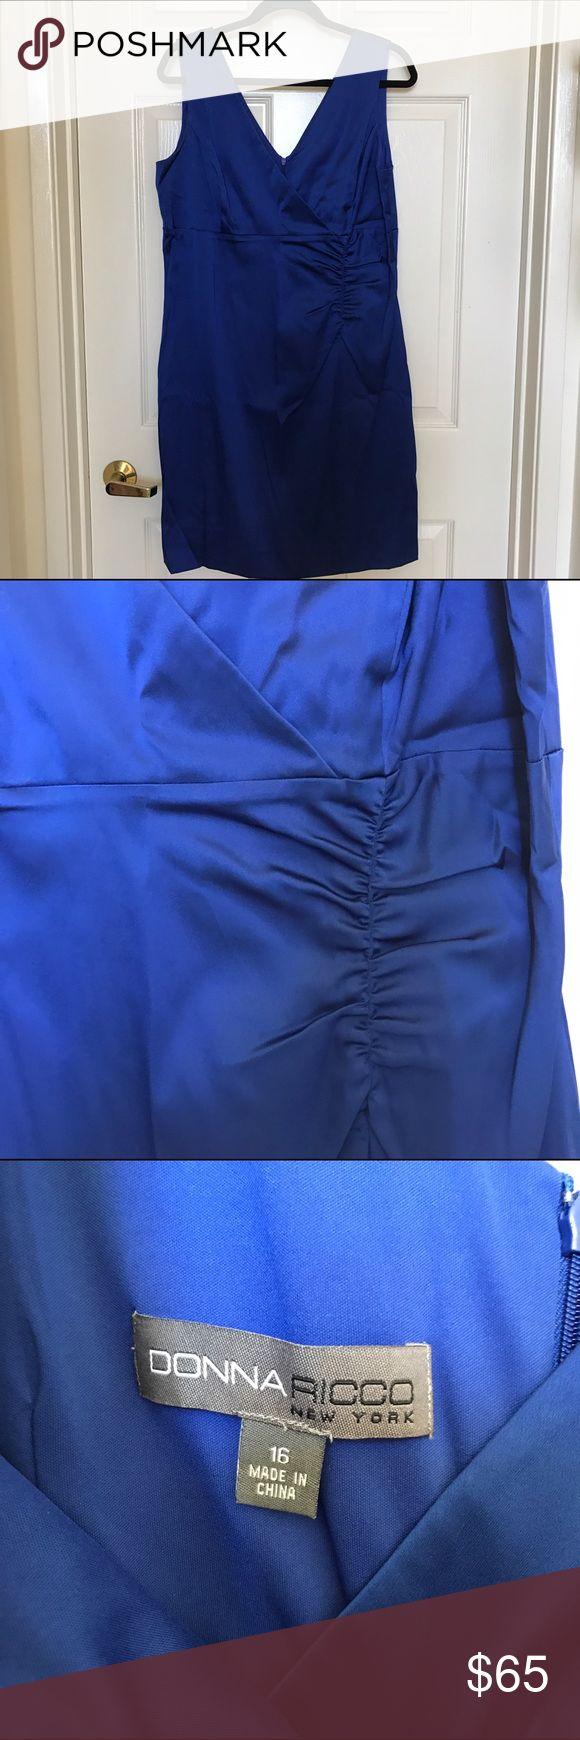 Donna Ricco Blue Dress Donna Ricco Blue Dress Donna Ricco Dresses